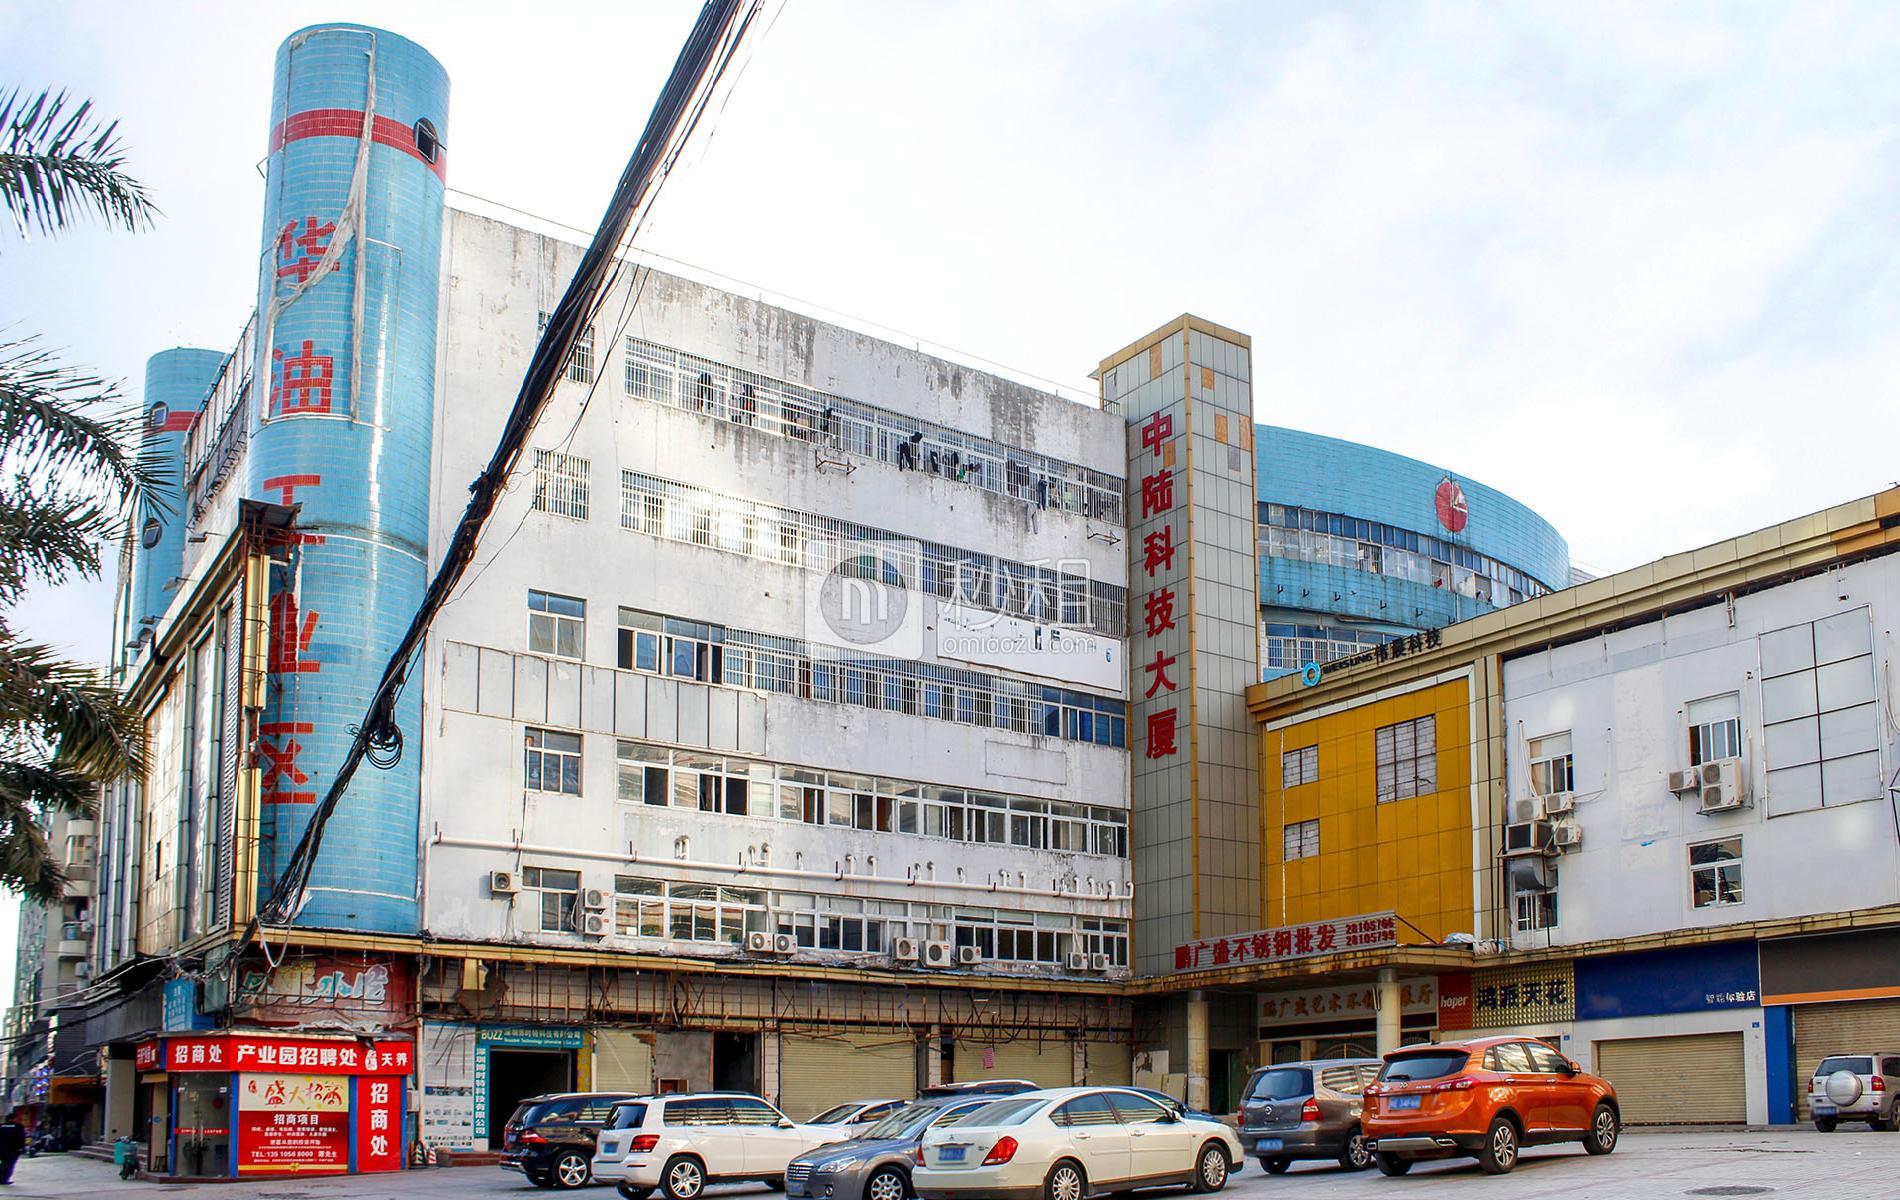 龙华中陆科技大厦写字楼出租/招租/租赁,龙华中陆科技大厦办公室出租/招租/租赁